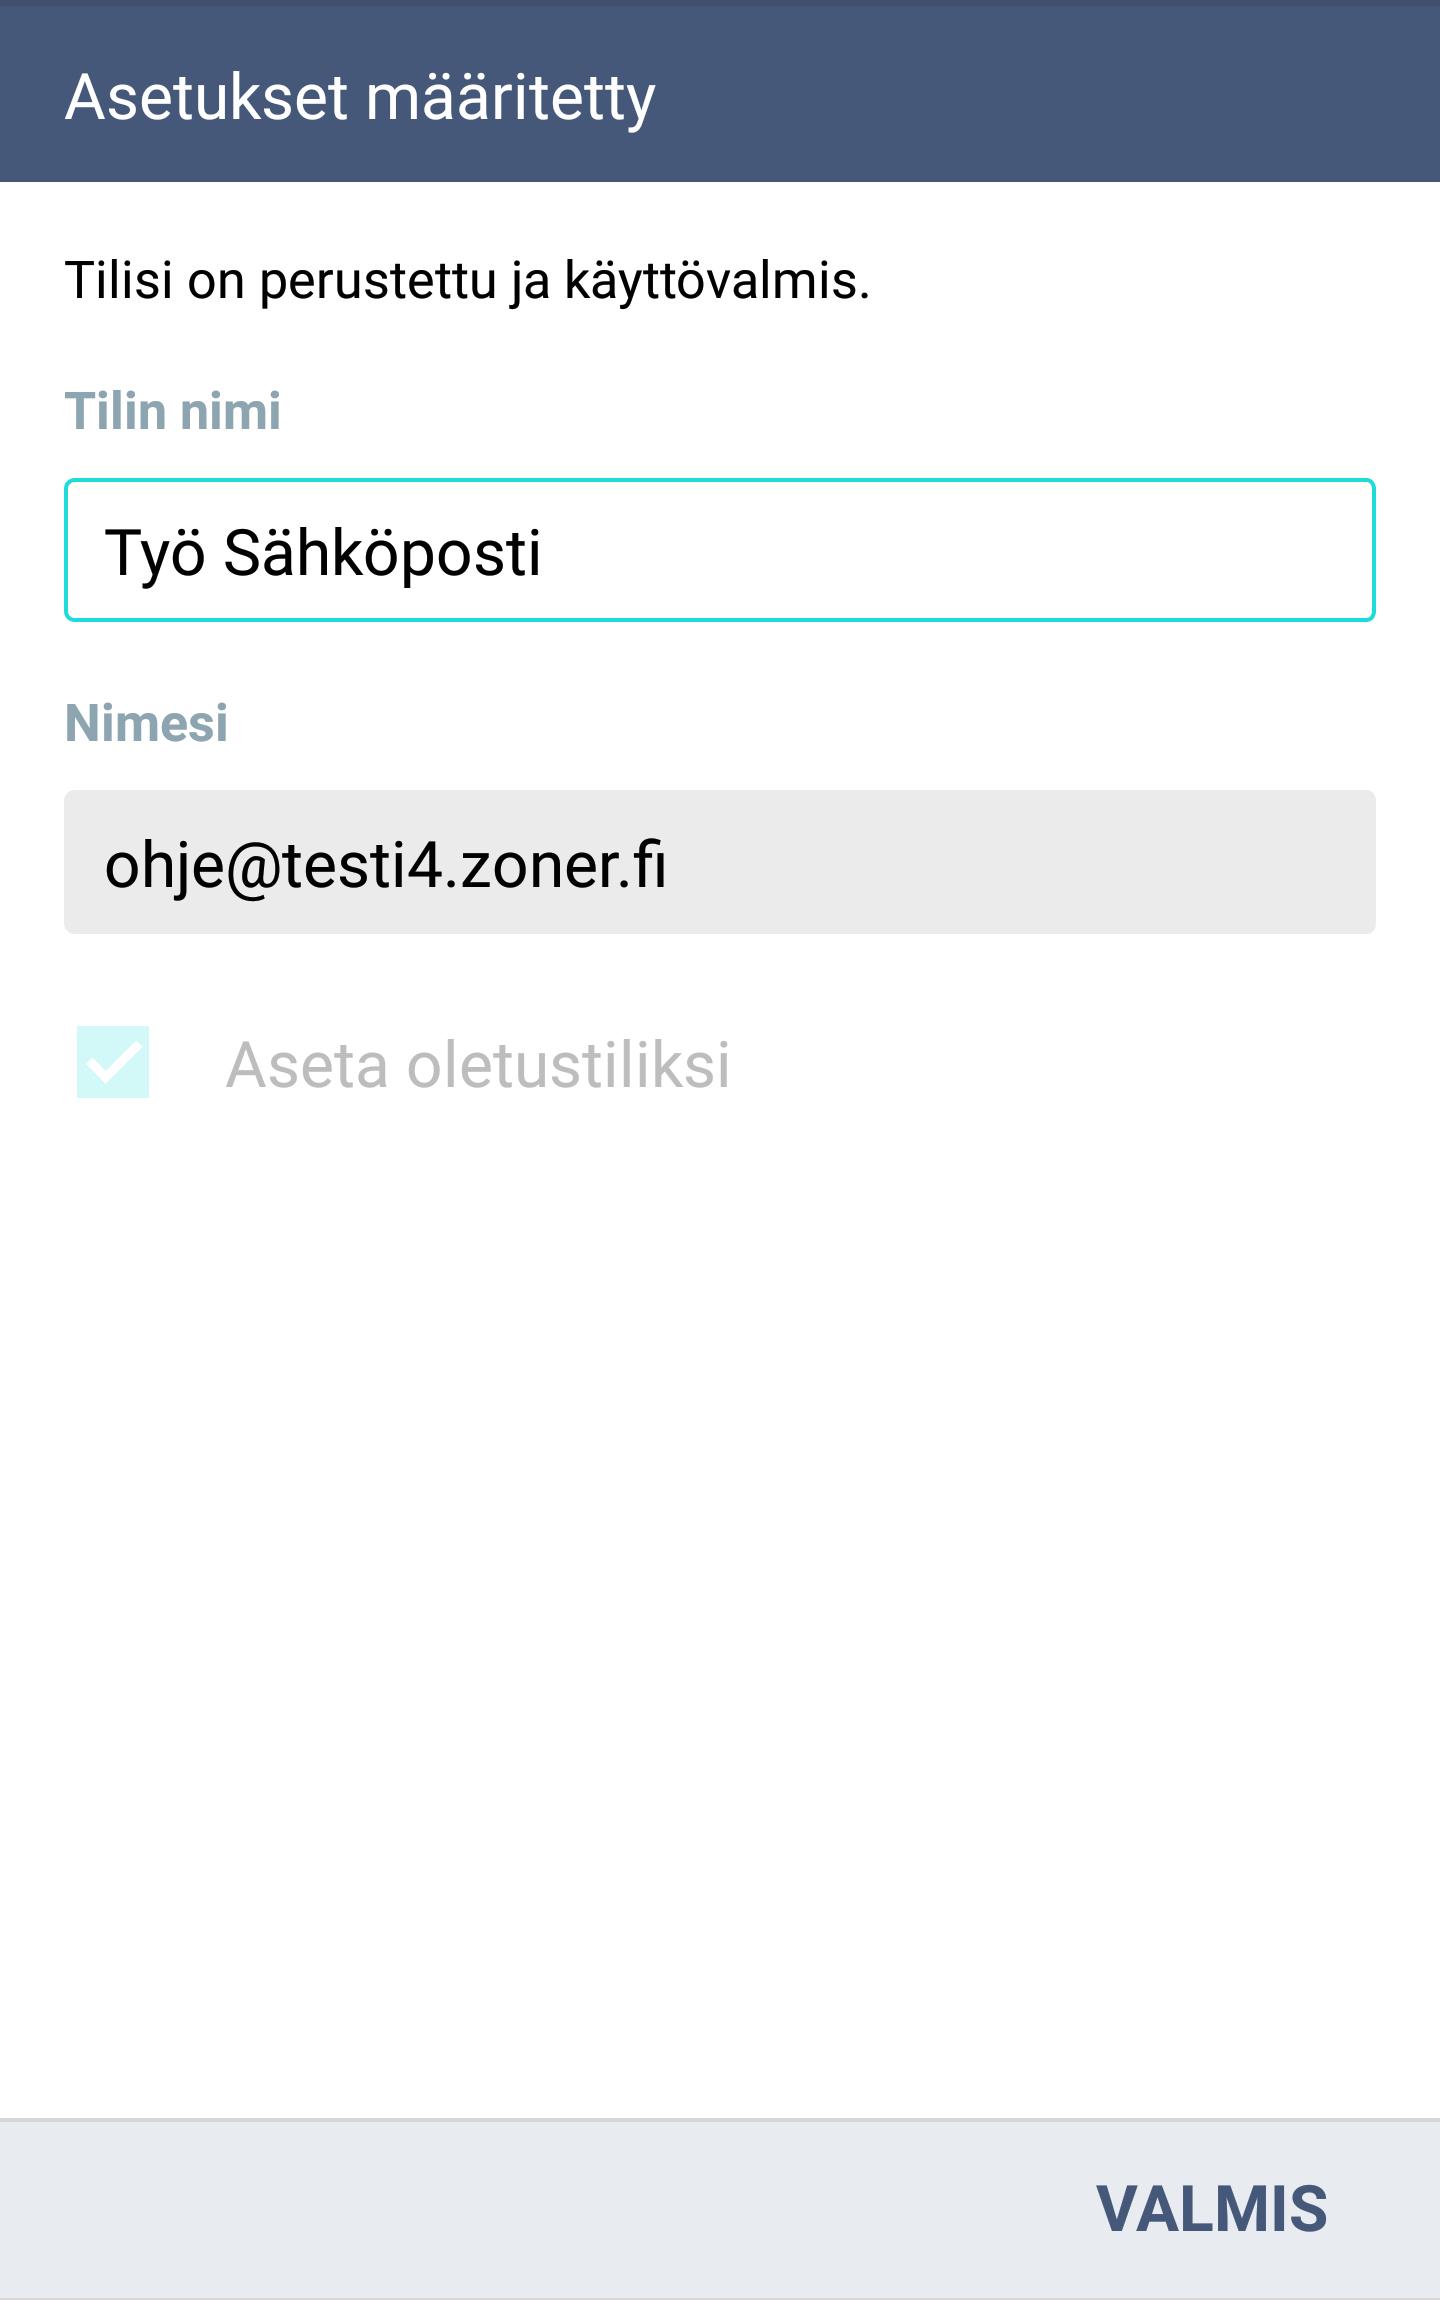 http://staticweb.zoner.fi/tuki/webhotellit/android/kuva_9.jpg